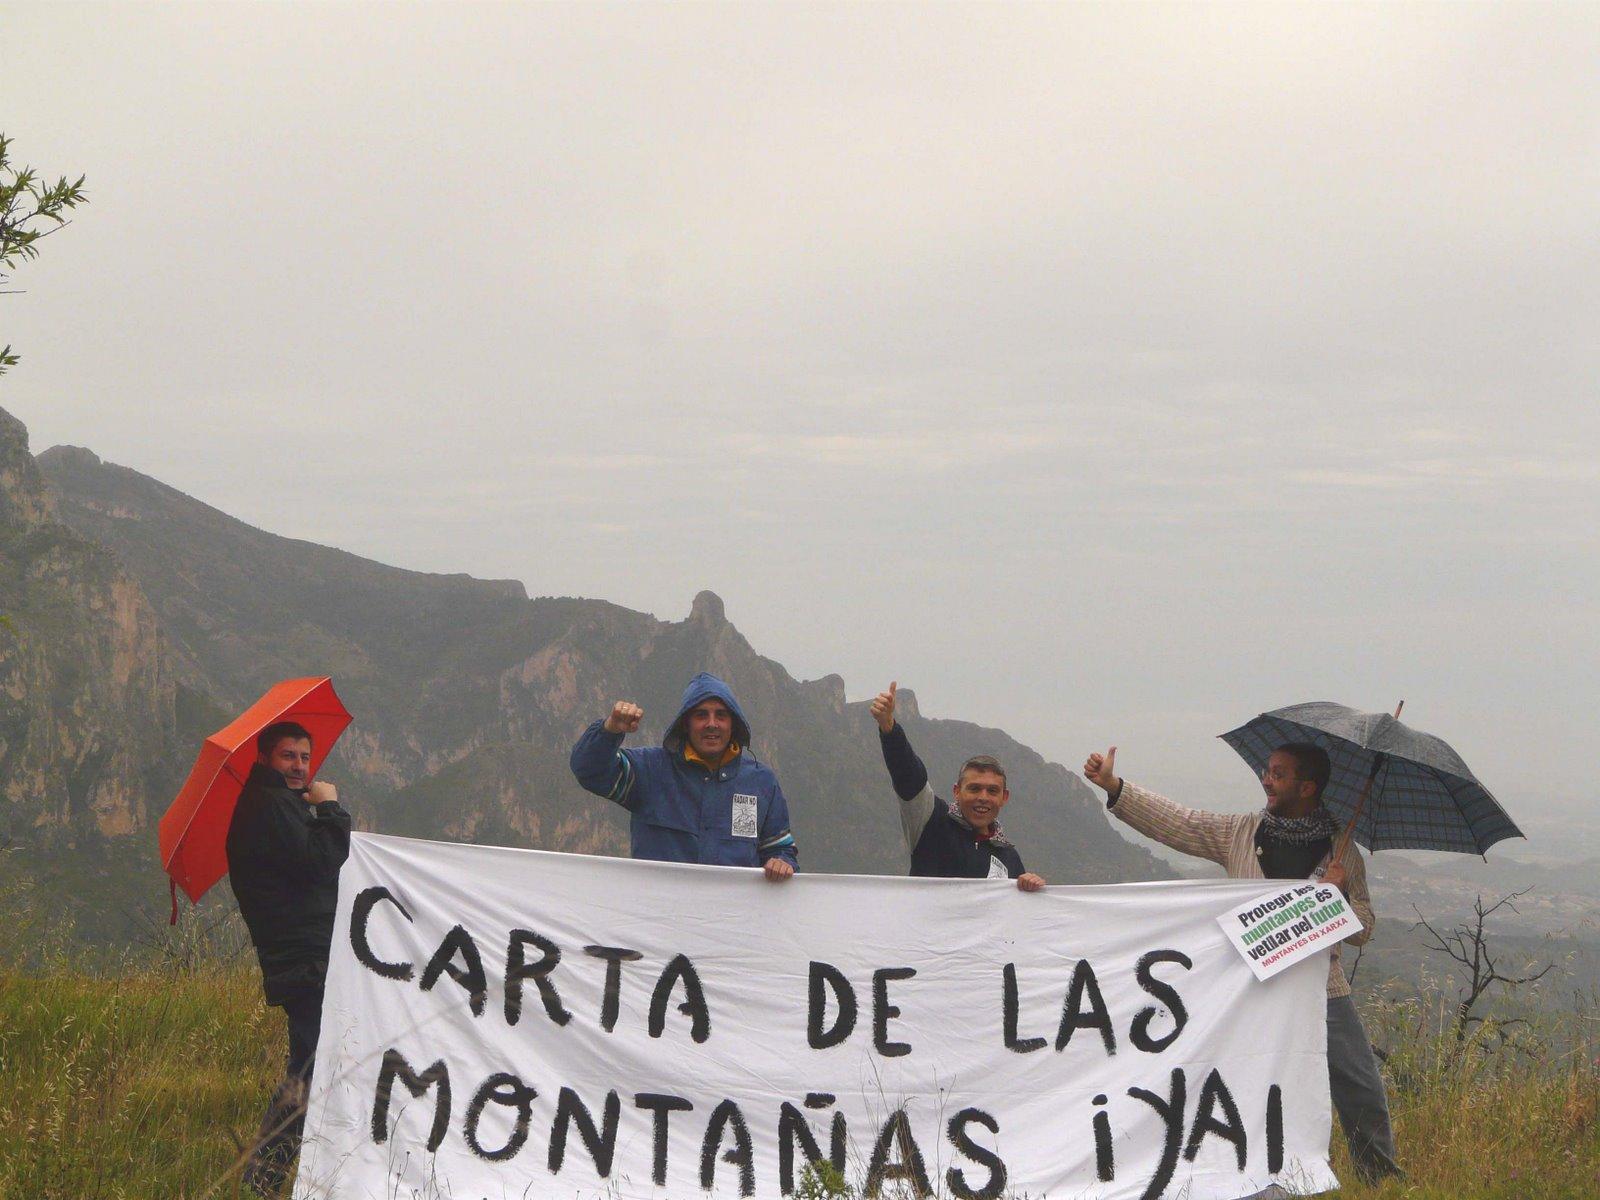 Reivindicació de la Carta de la Muntanya a la serra La Grana